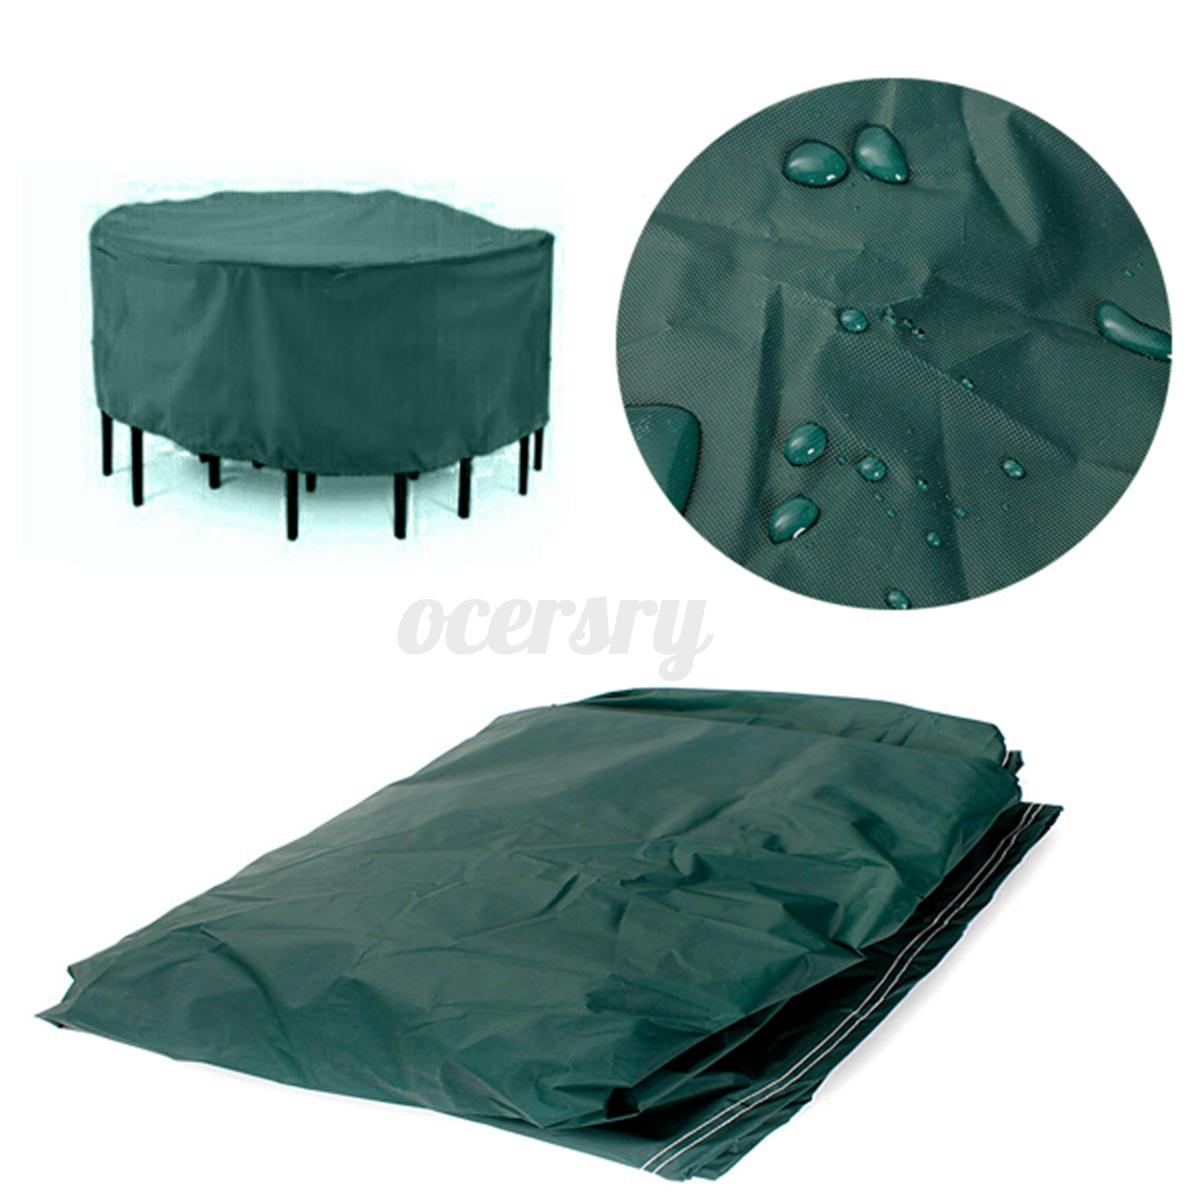 140x95cm gartenm bel schutzh lle schutzplane abdeckung h lle rund wasserdicht ebay. Black Bedroom Furniture Sets. Home Design Ideas